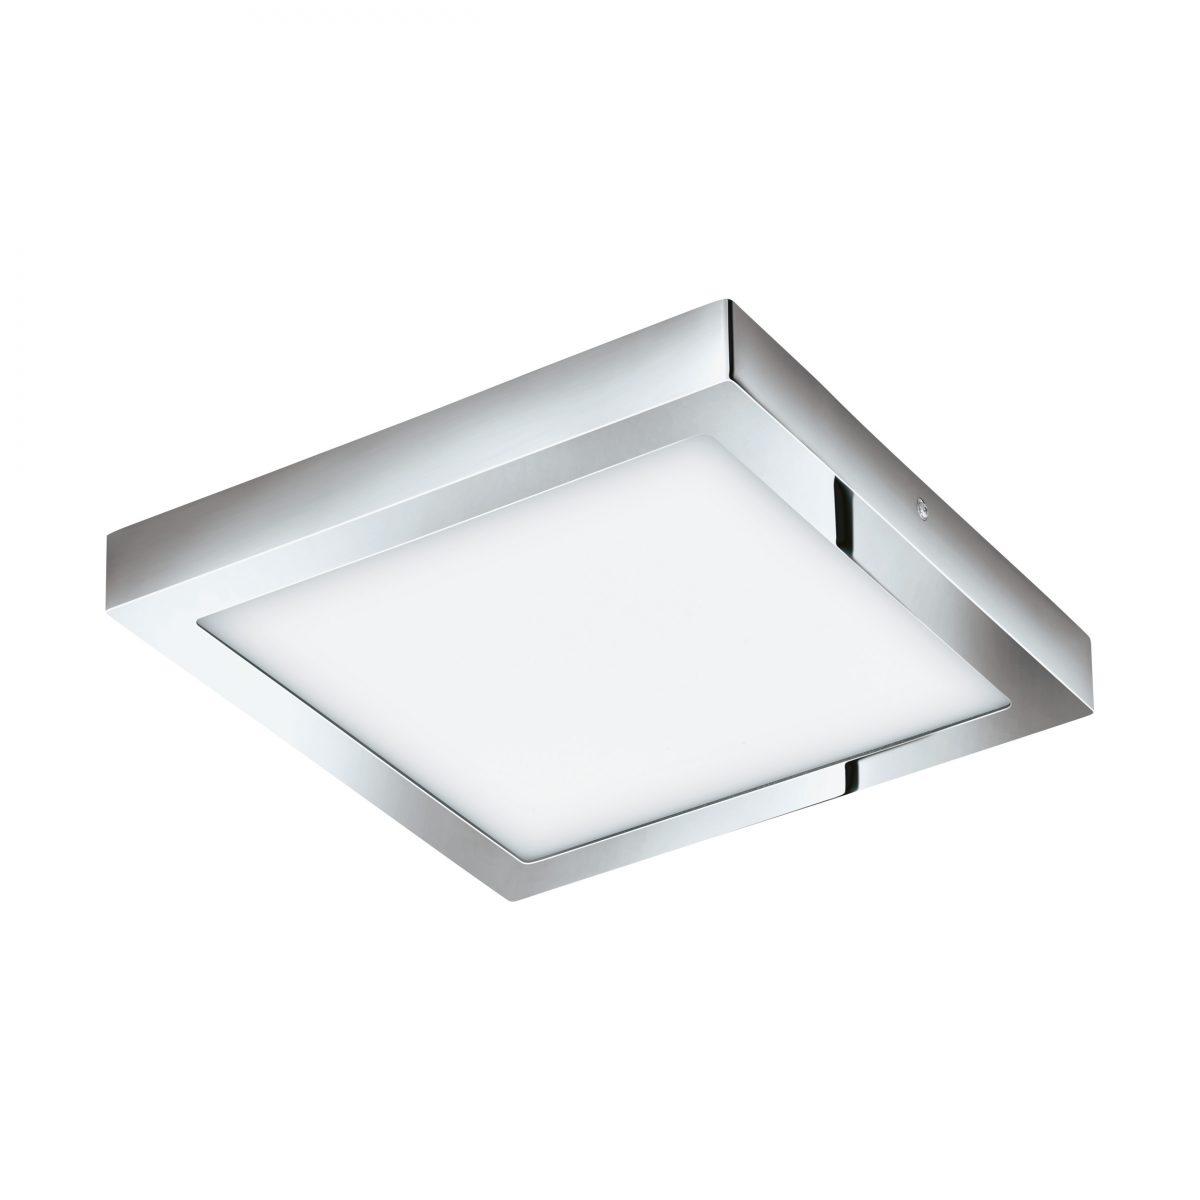 Светильник настенно-потолочный FUEVA-C/CONNECT EGLO 98561 - Фото №28